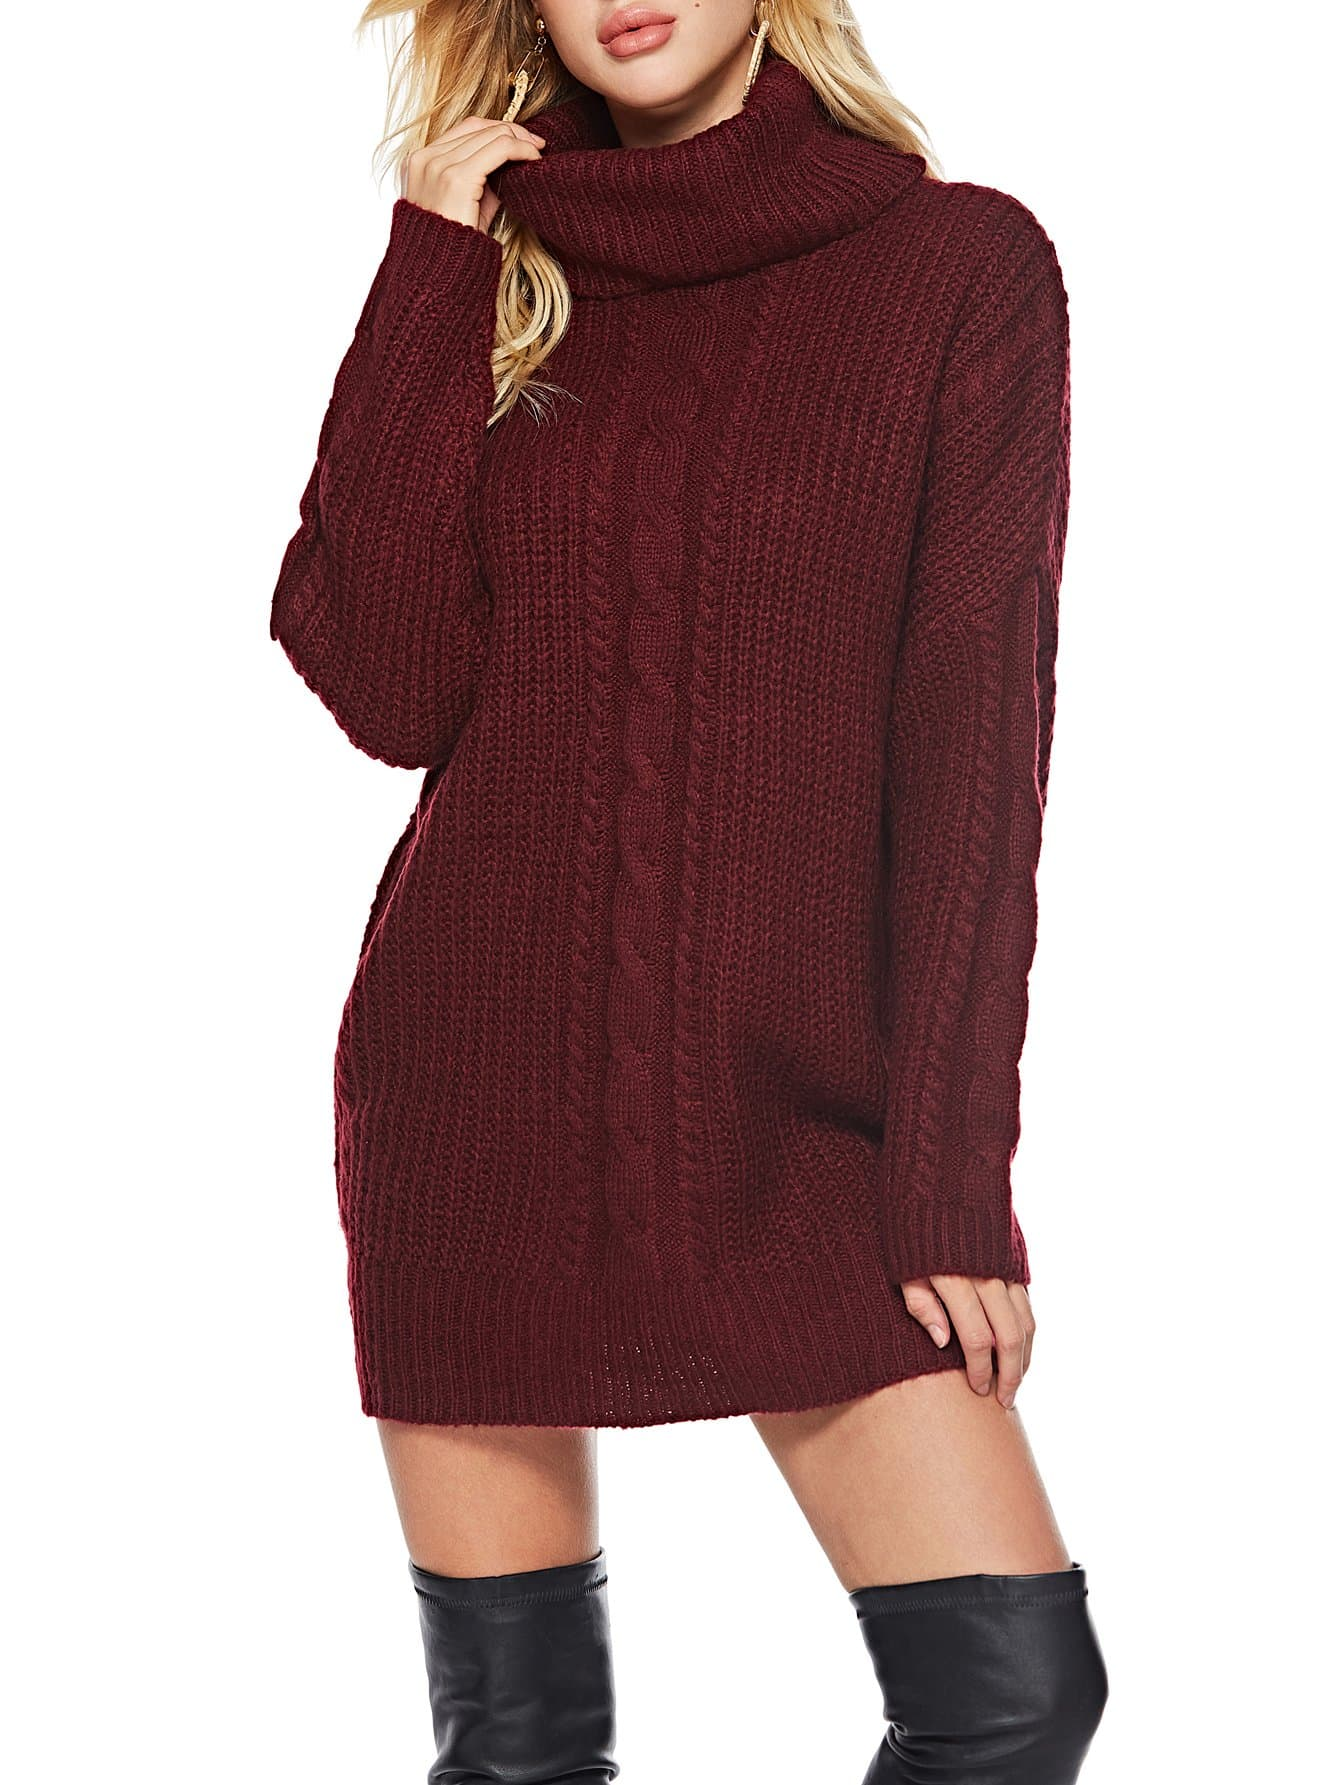 Купить Стильный свитер с высоким вырезом, Kate C, SheIn